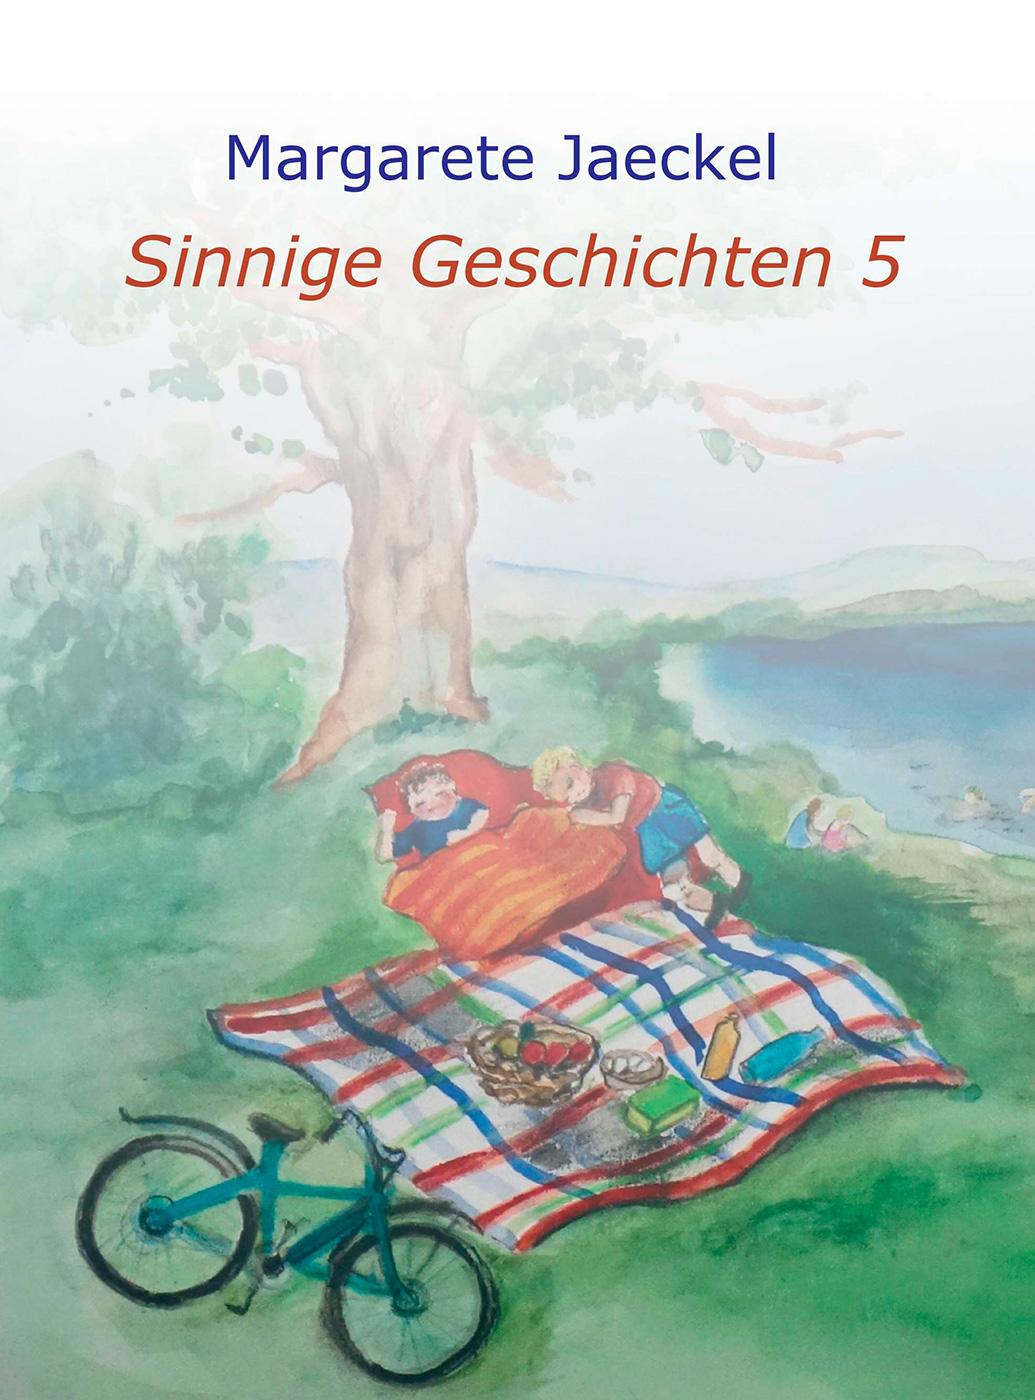 Sammelband 5 | Sinnige Geschichten Margarete Jaeckel